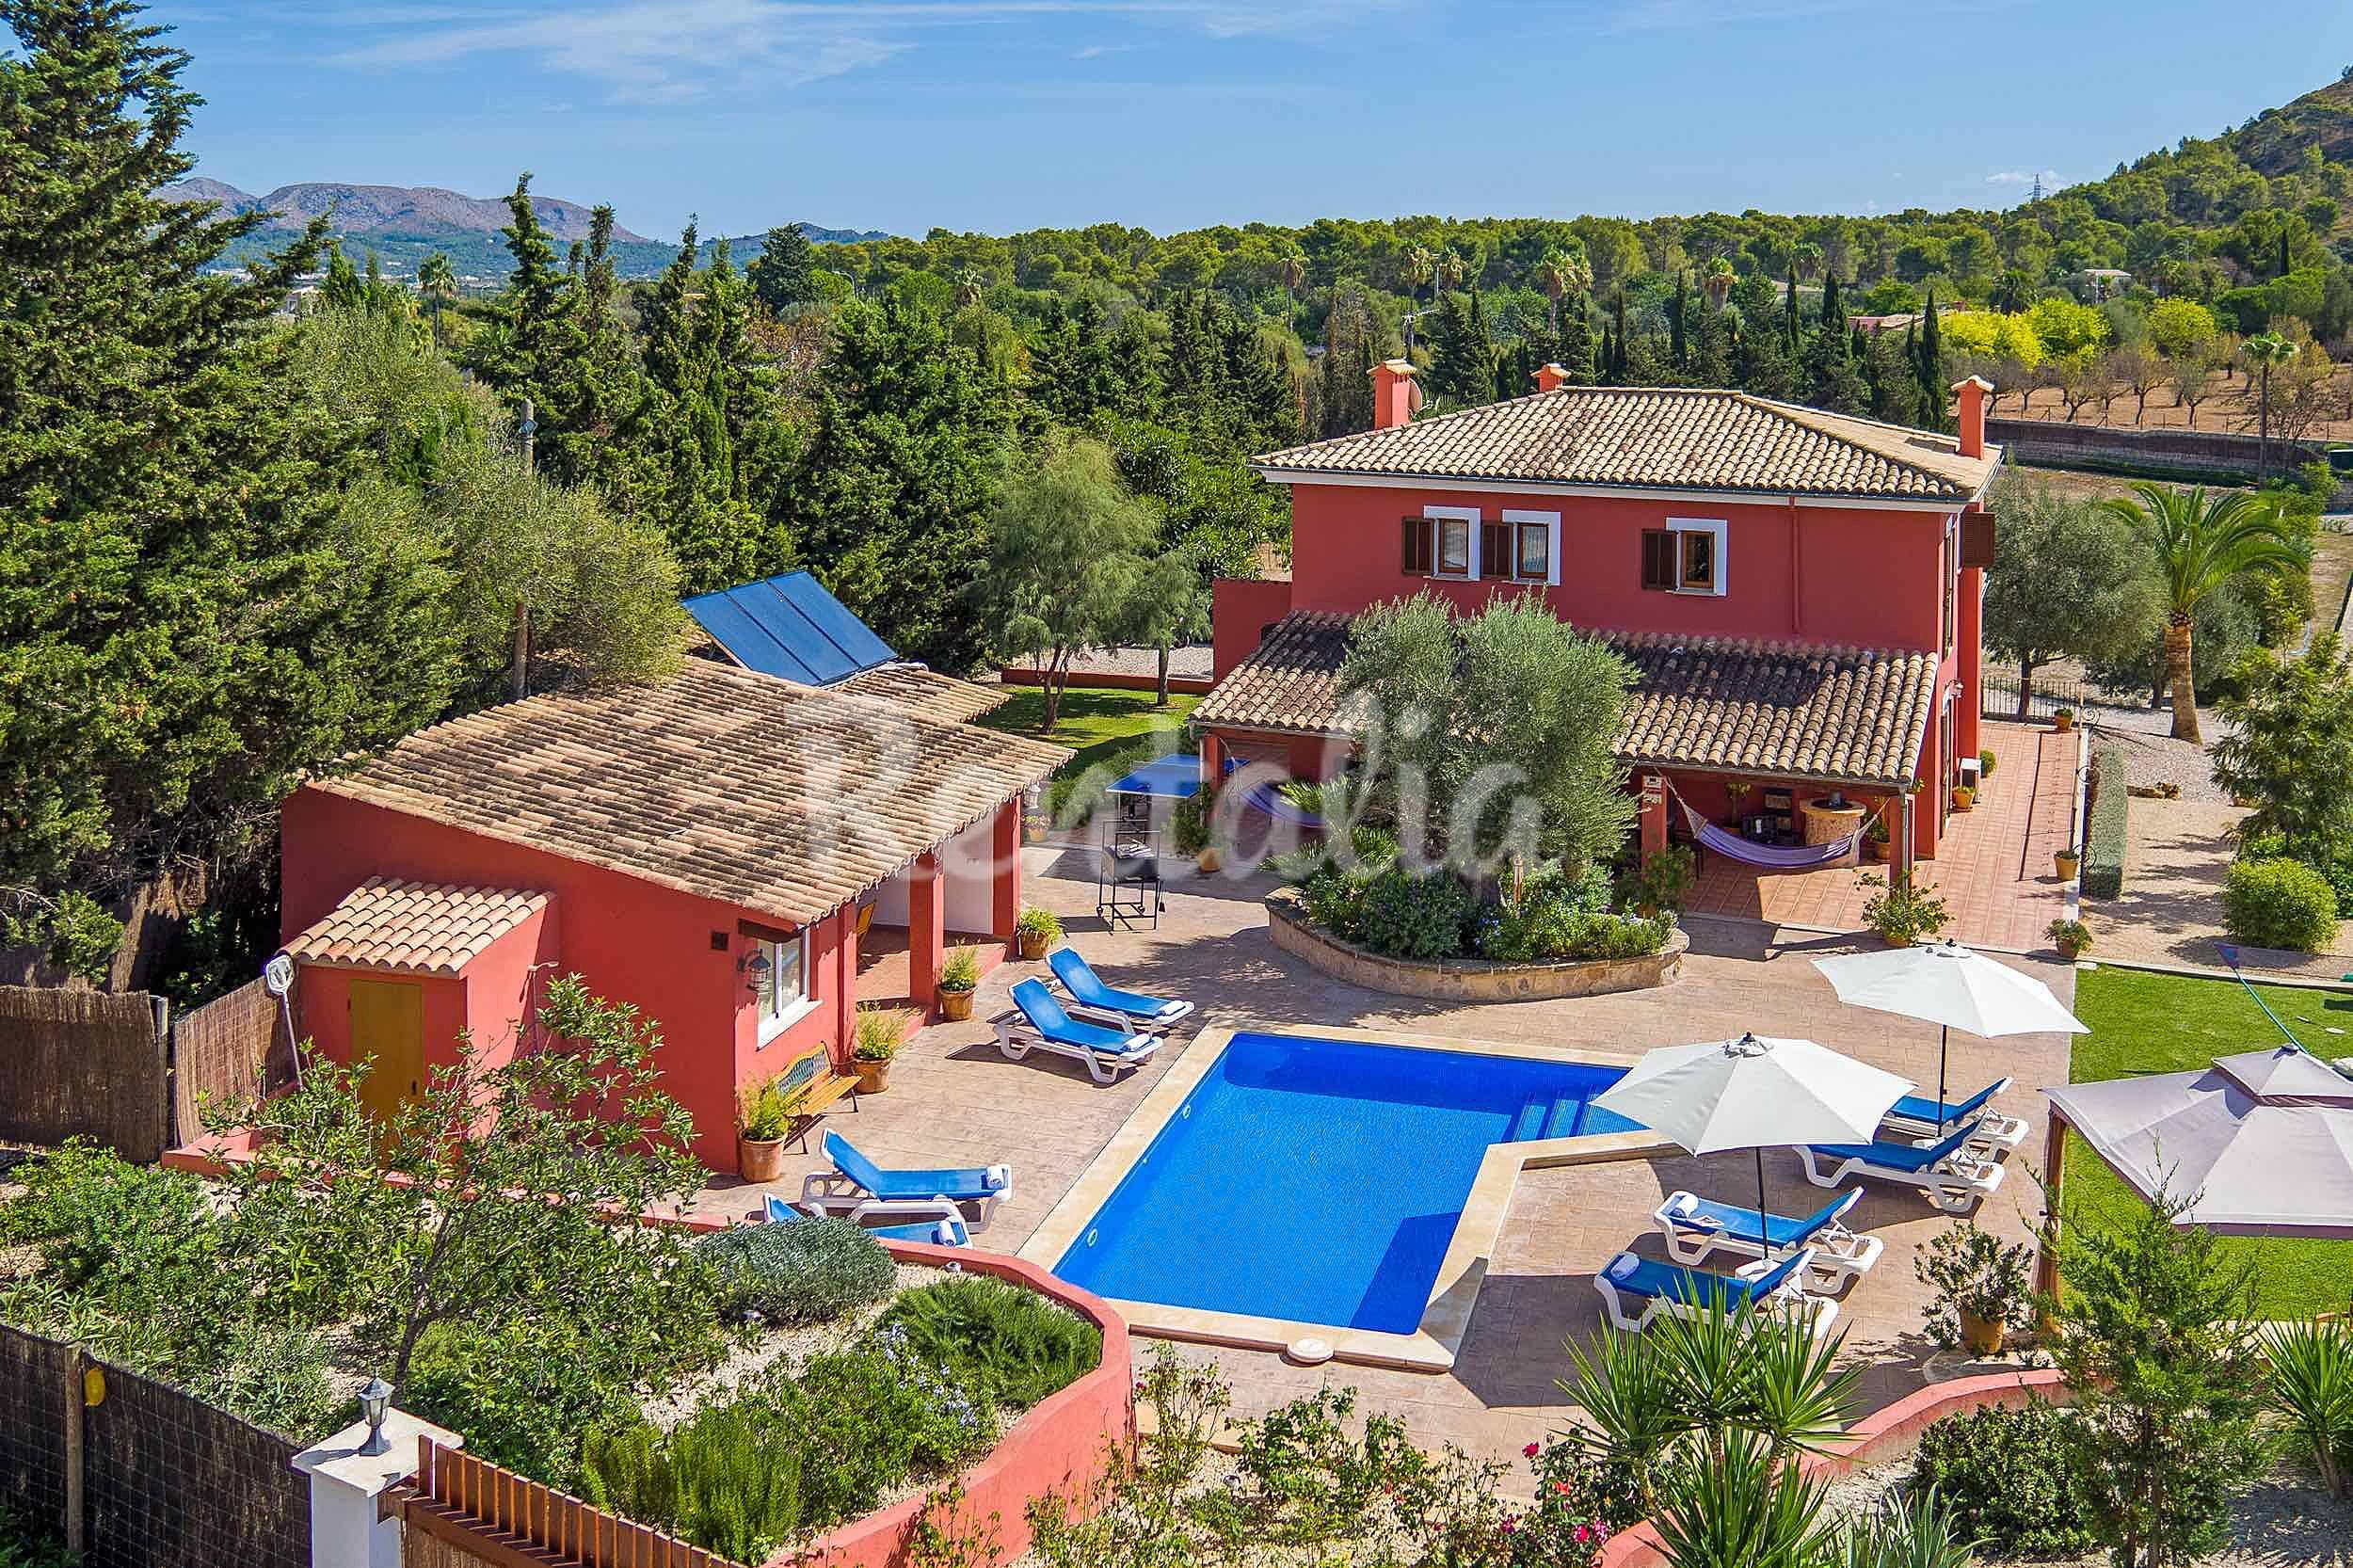 Villa con piscina privada y jardines mediterr neos for Piscina y jardin mallorca